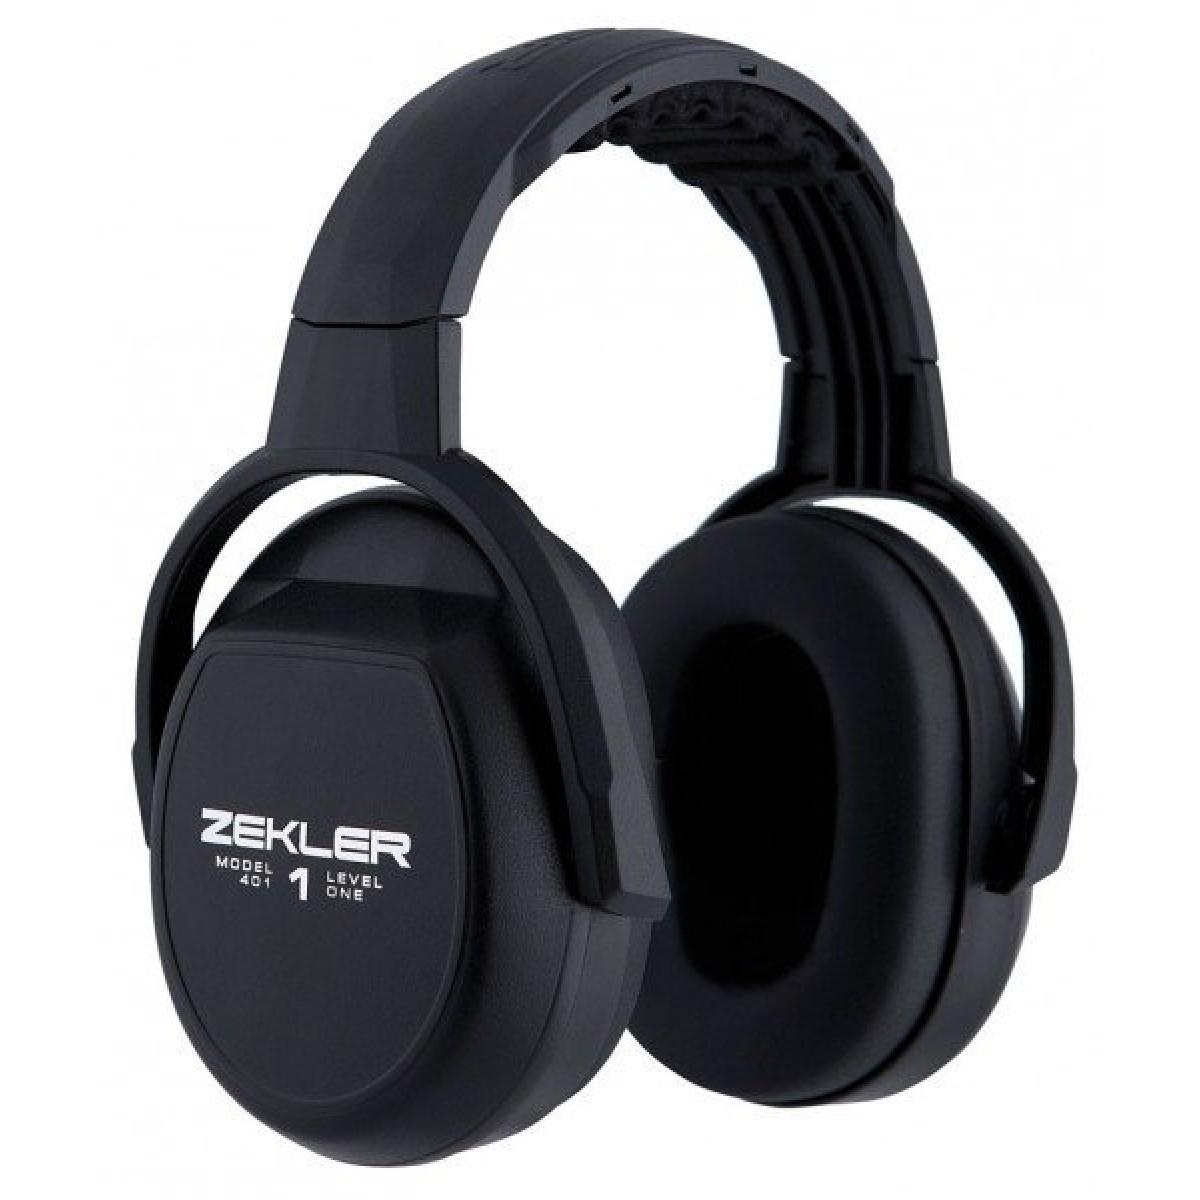 Høreværn Zekler 401 Level 1-31